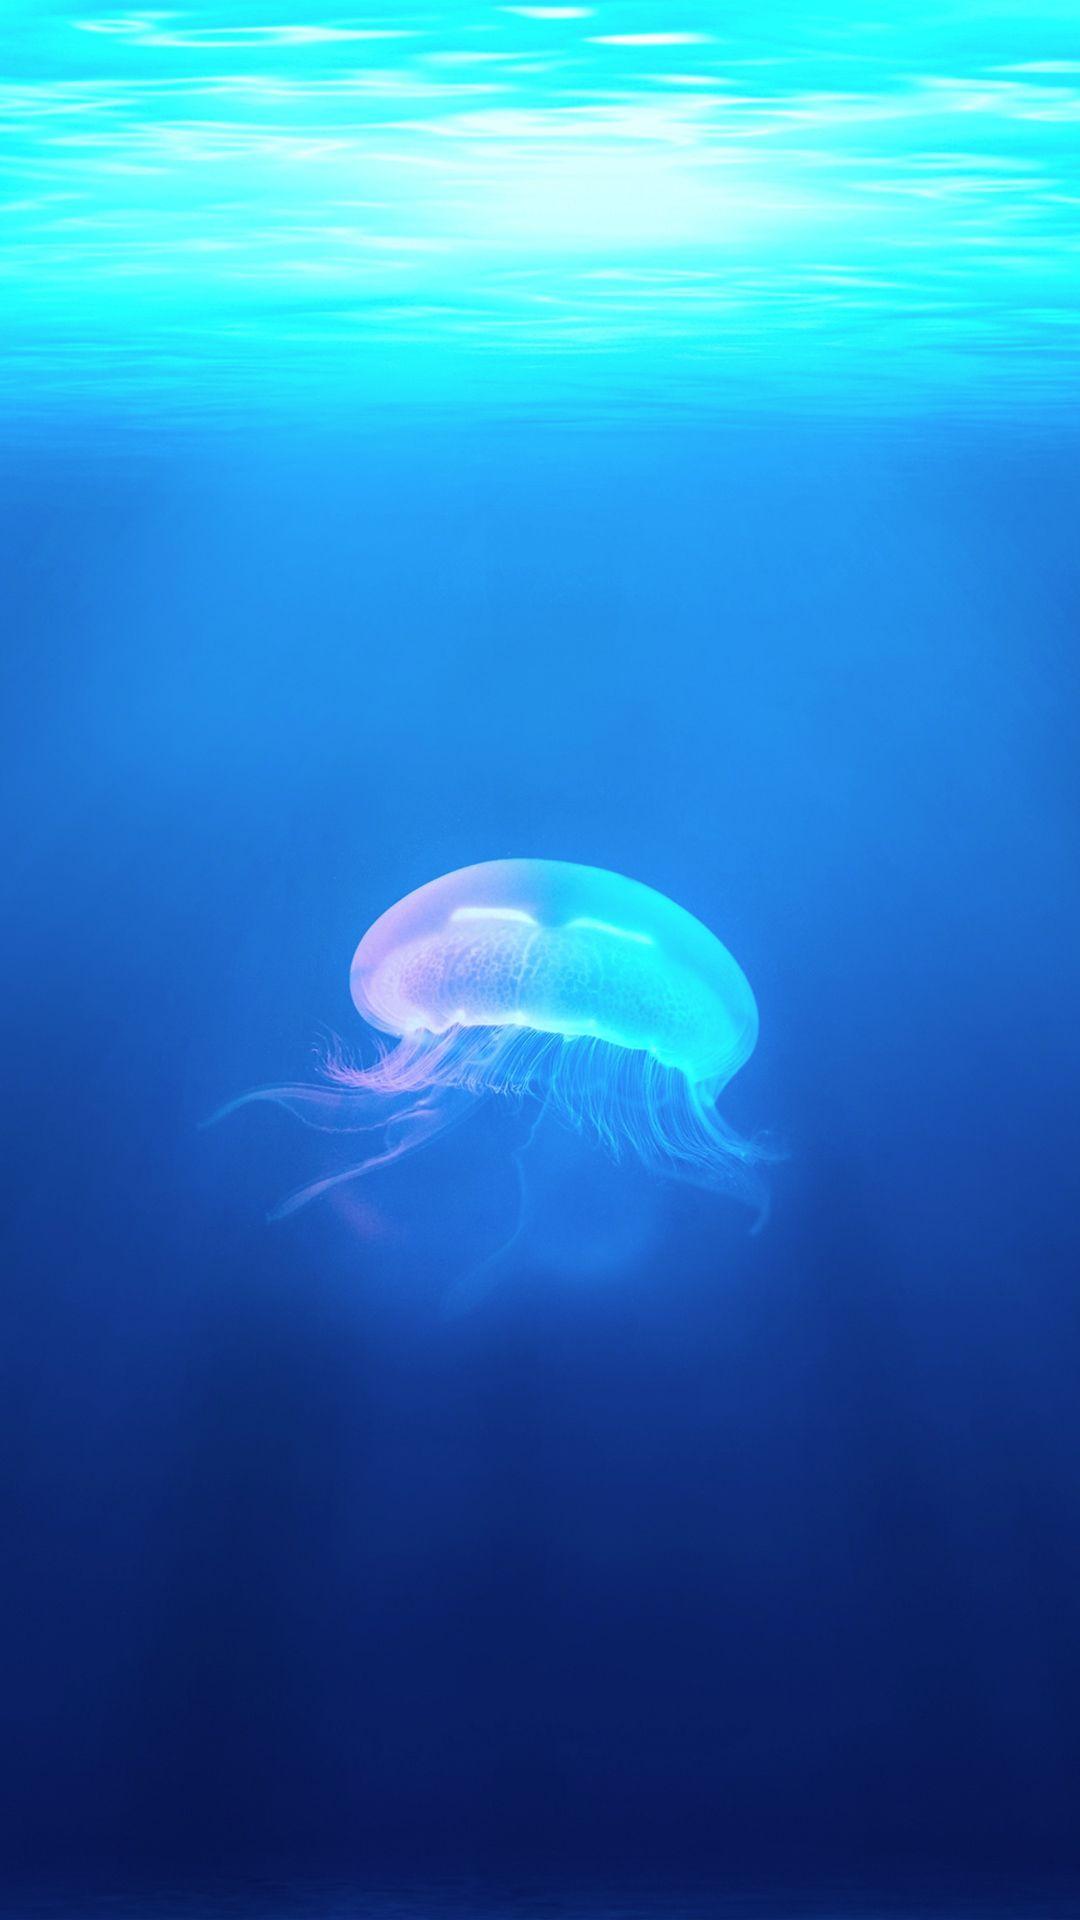 Jellyfish iphone wallpaper tumblr - Ocean Jellyfish Surreal Light Iphone 6 Plus Wallpaper